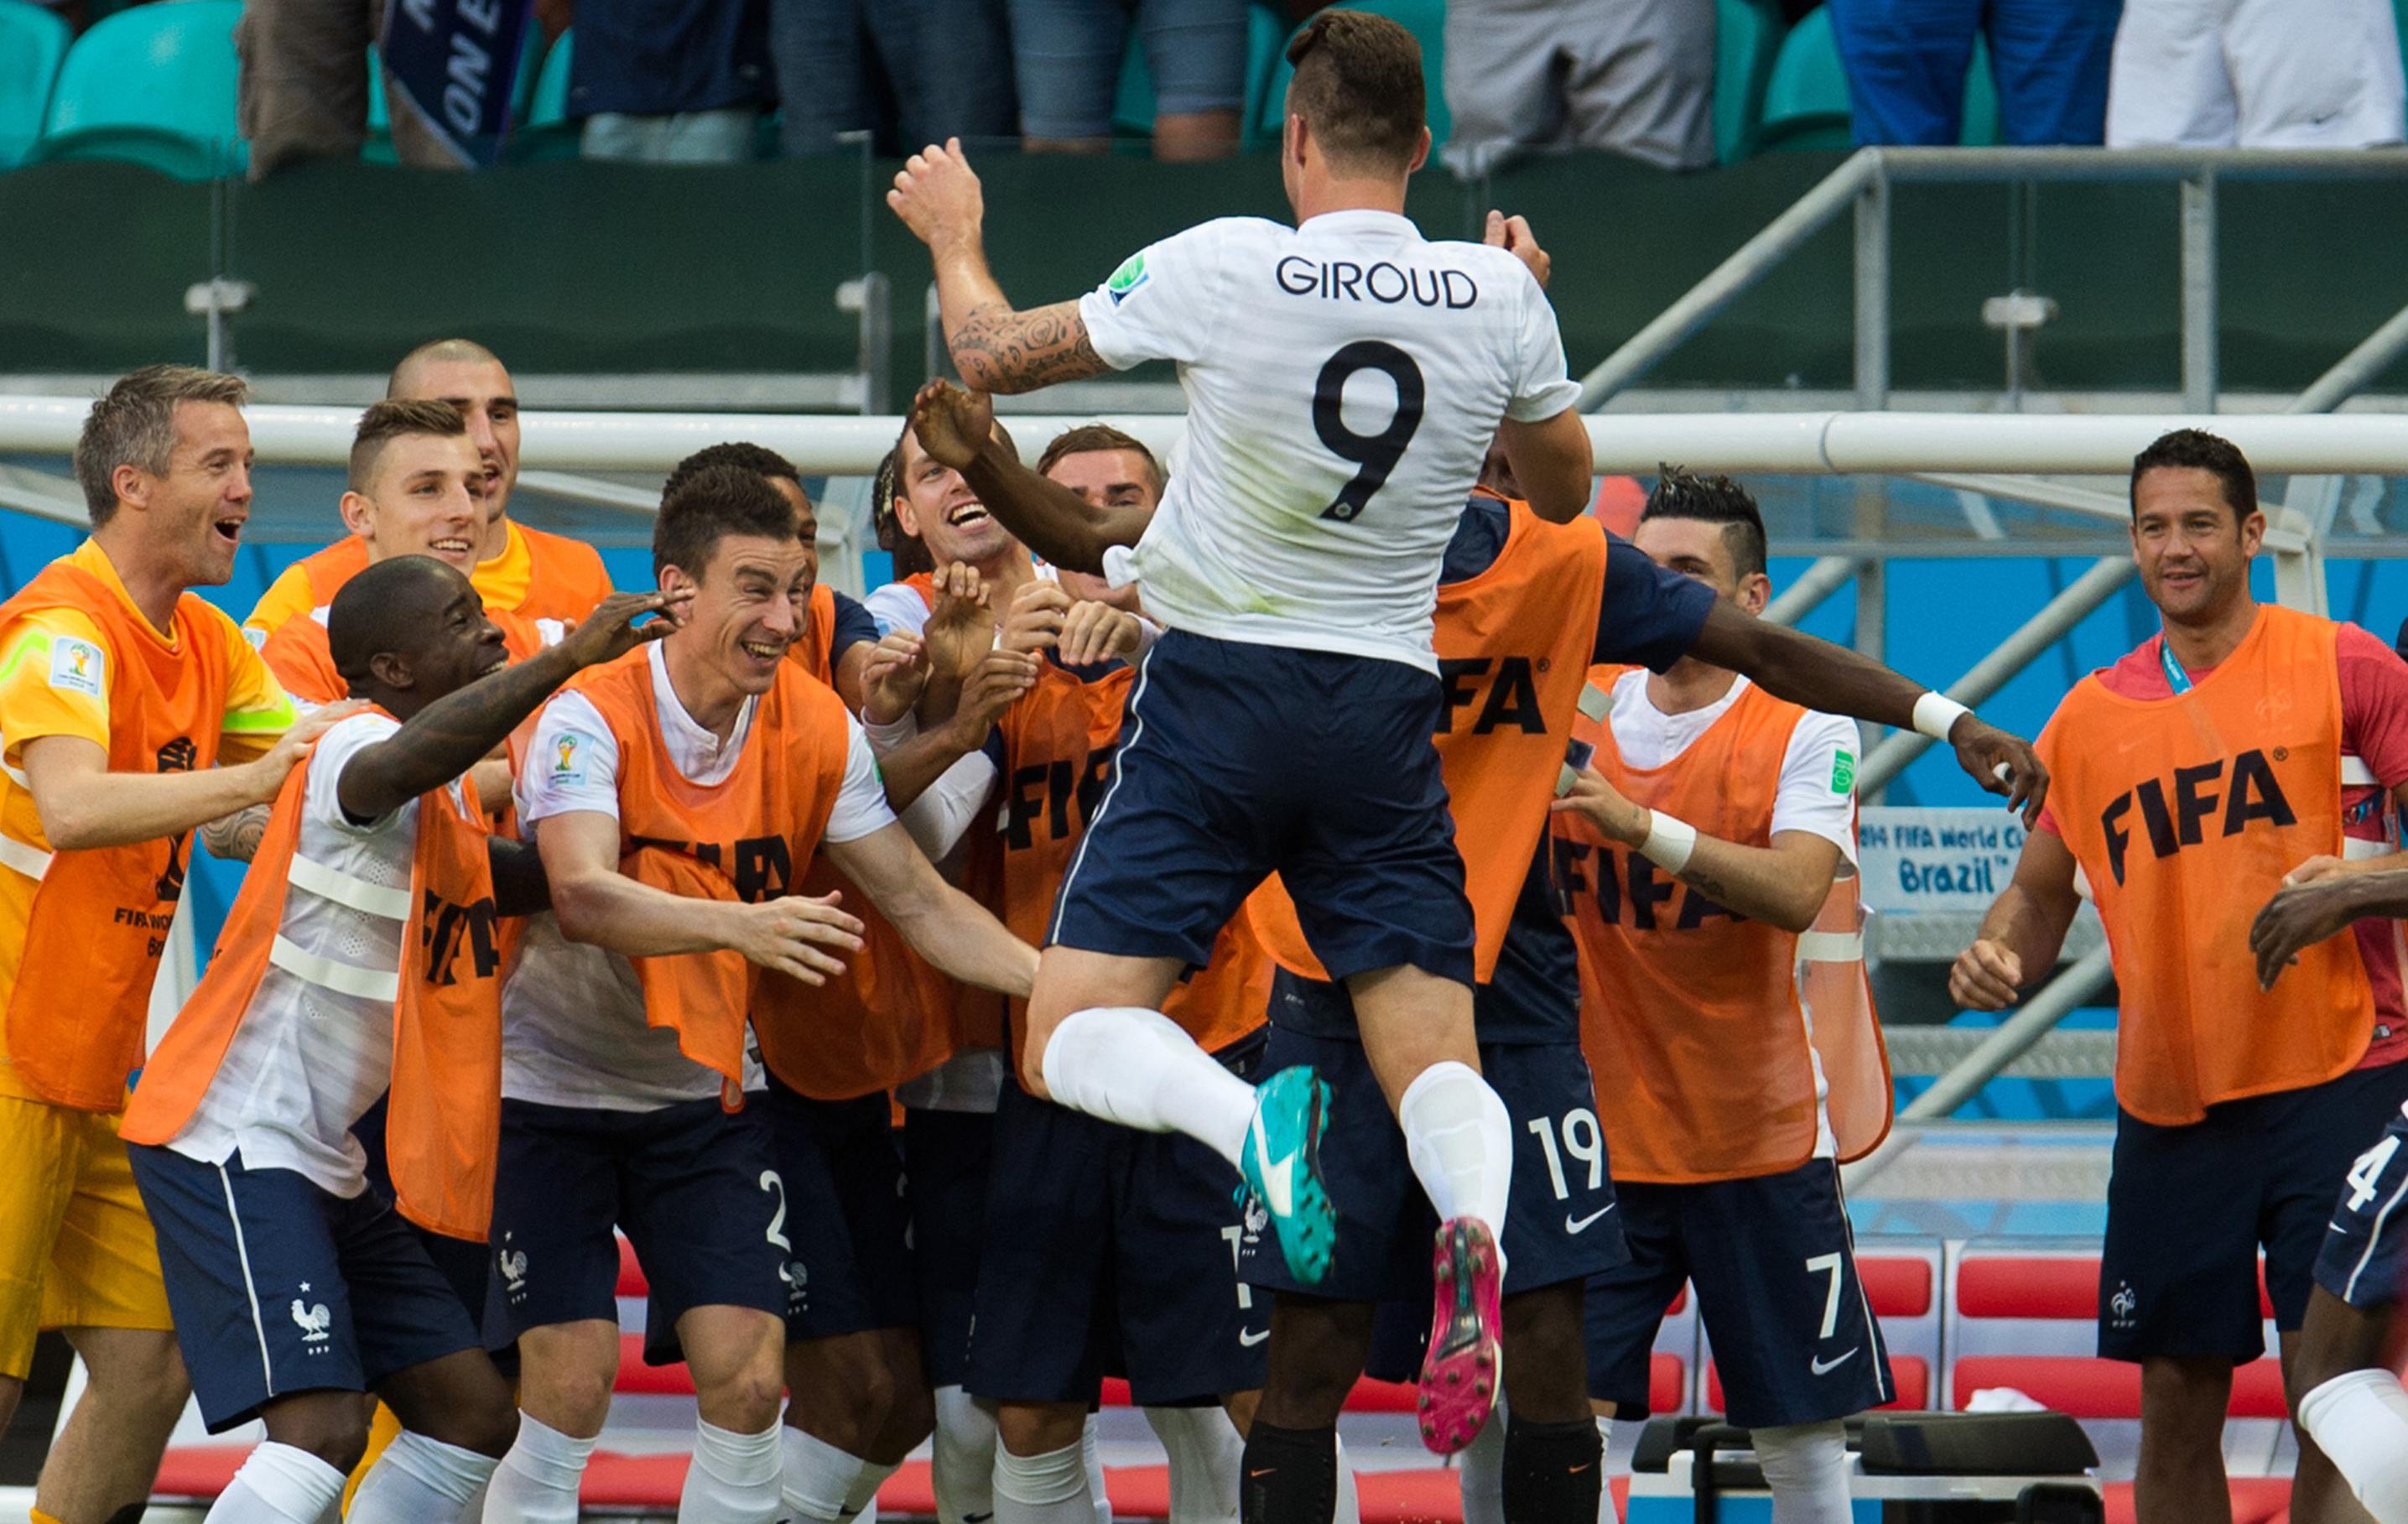 La france retrouve le gotha mondial equipe de france 2014 br sil coupe du monde football - Classement equipe de france coupe du monde 2014 ...